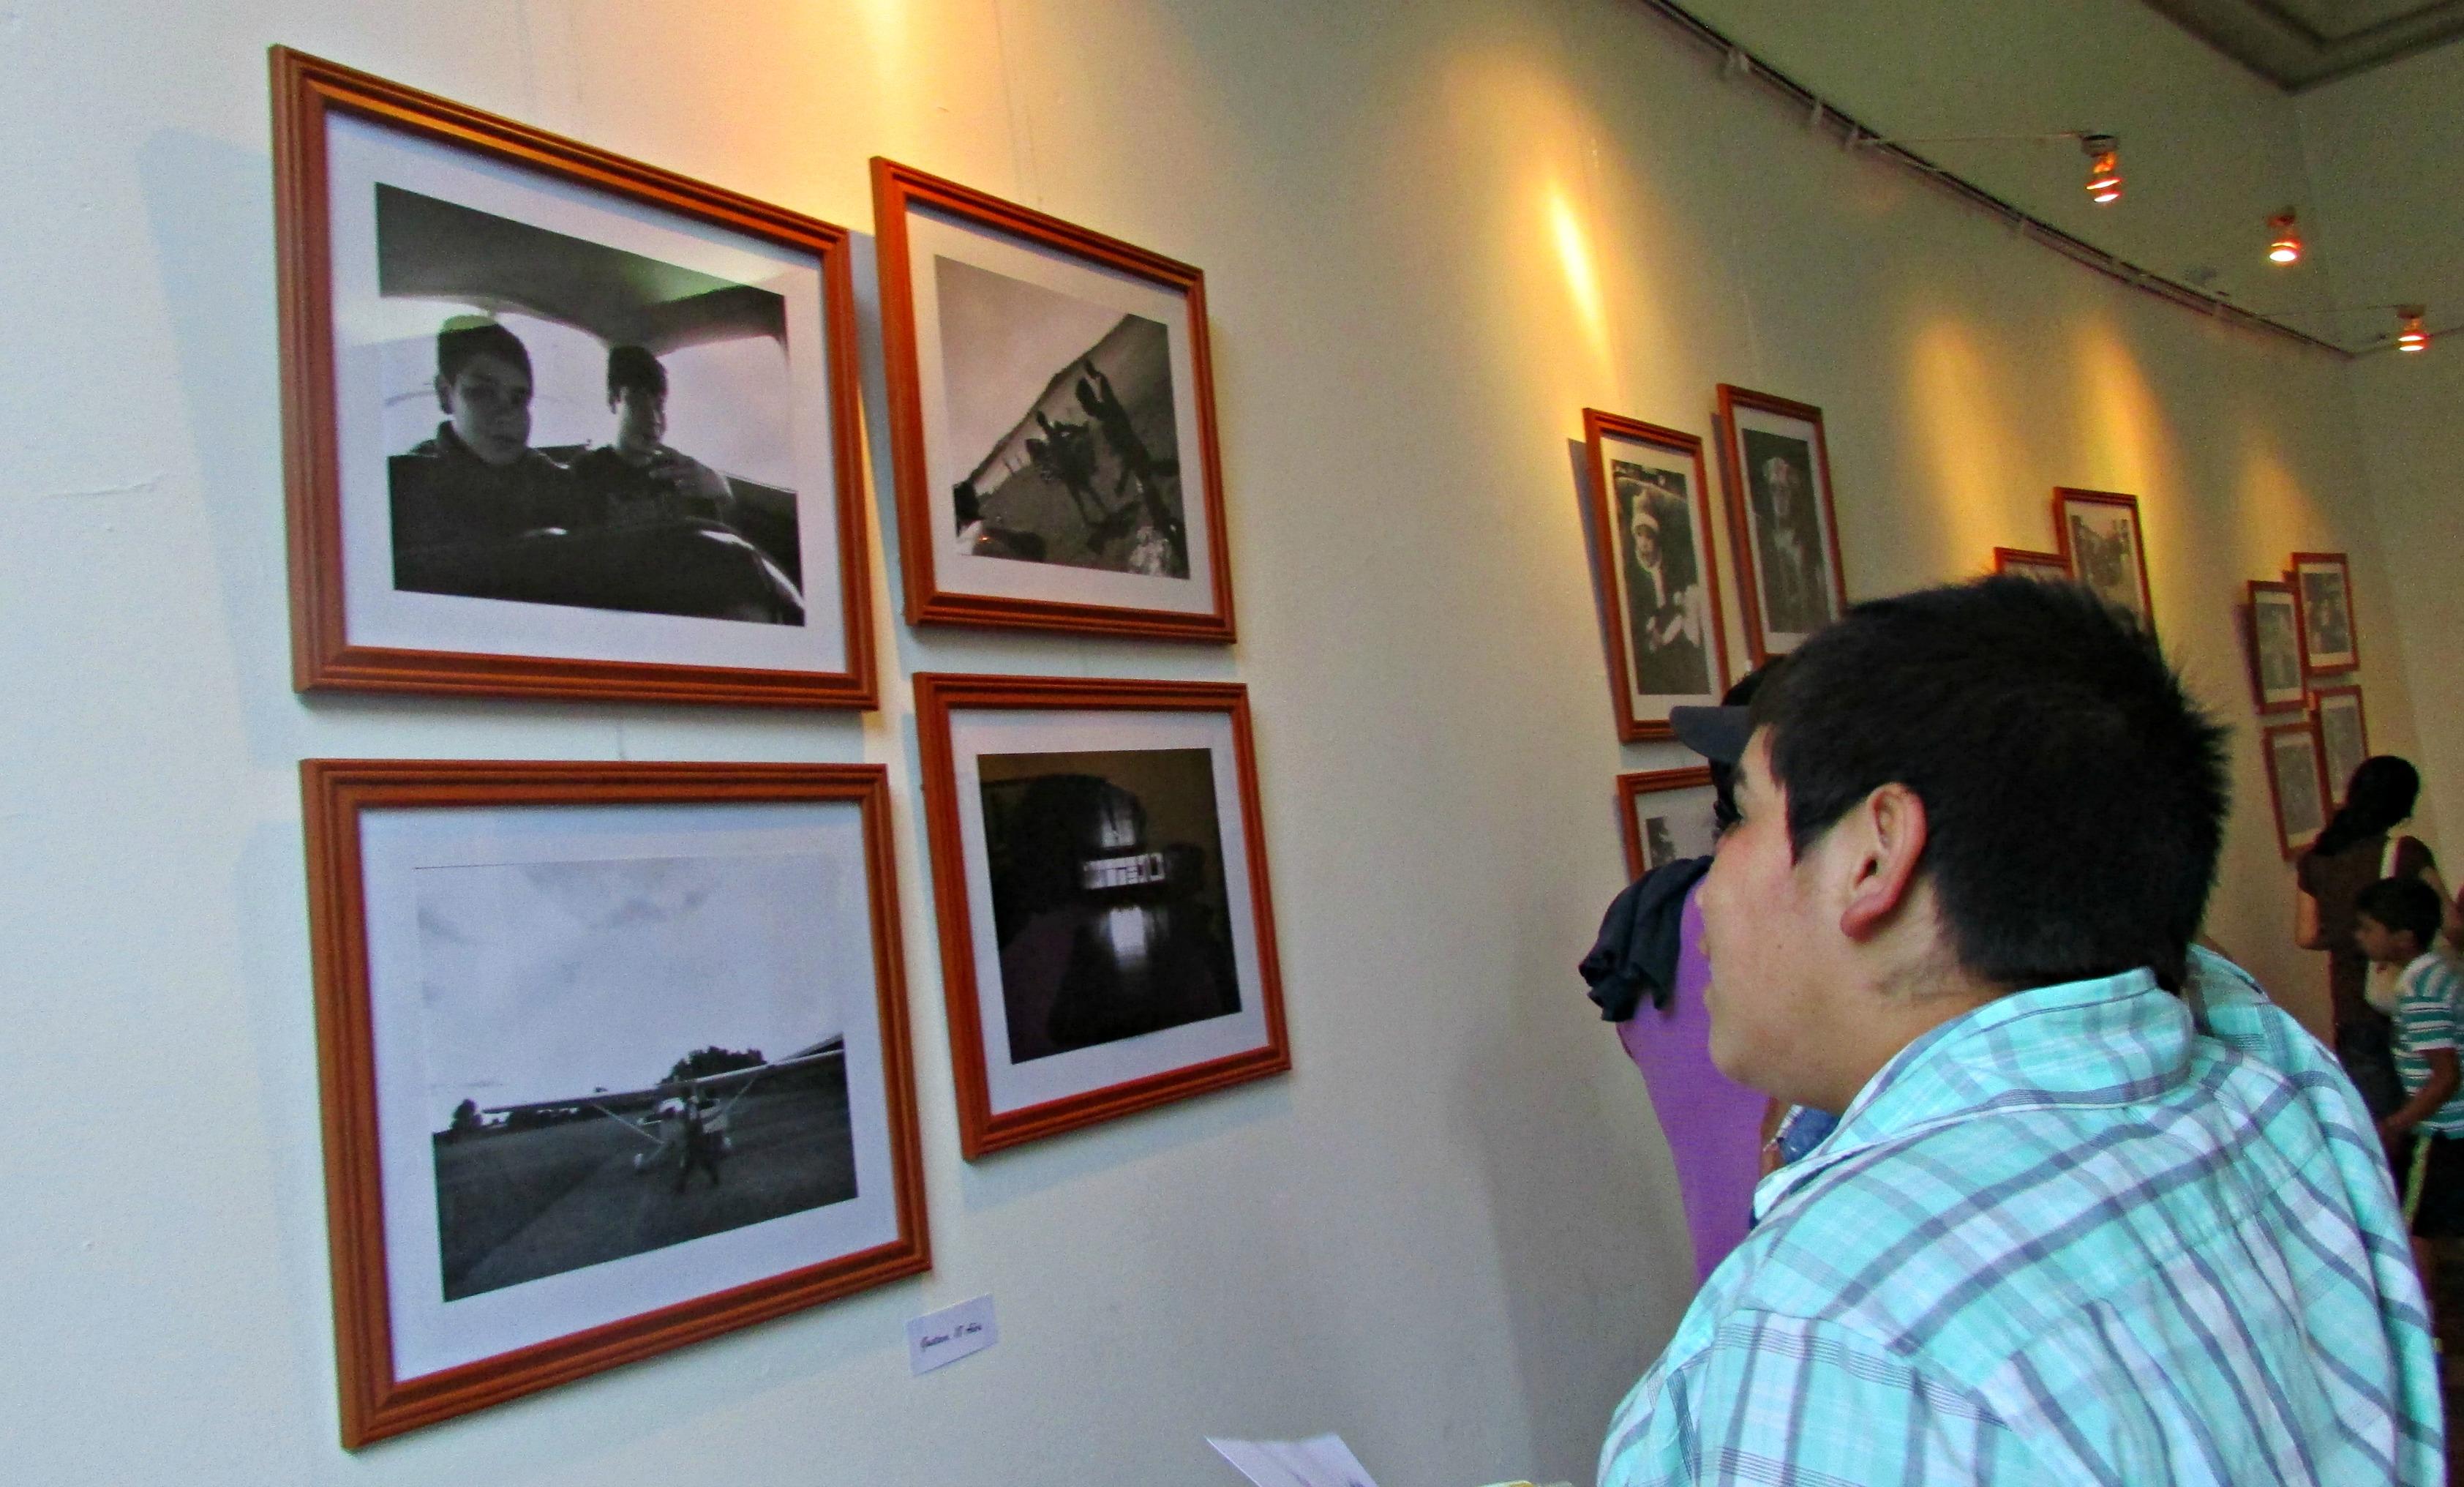 Taller realizado por Serpaj Los Lagos finaliza con atractiva muestra fotográfica en Osorno